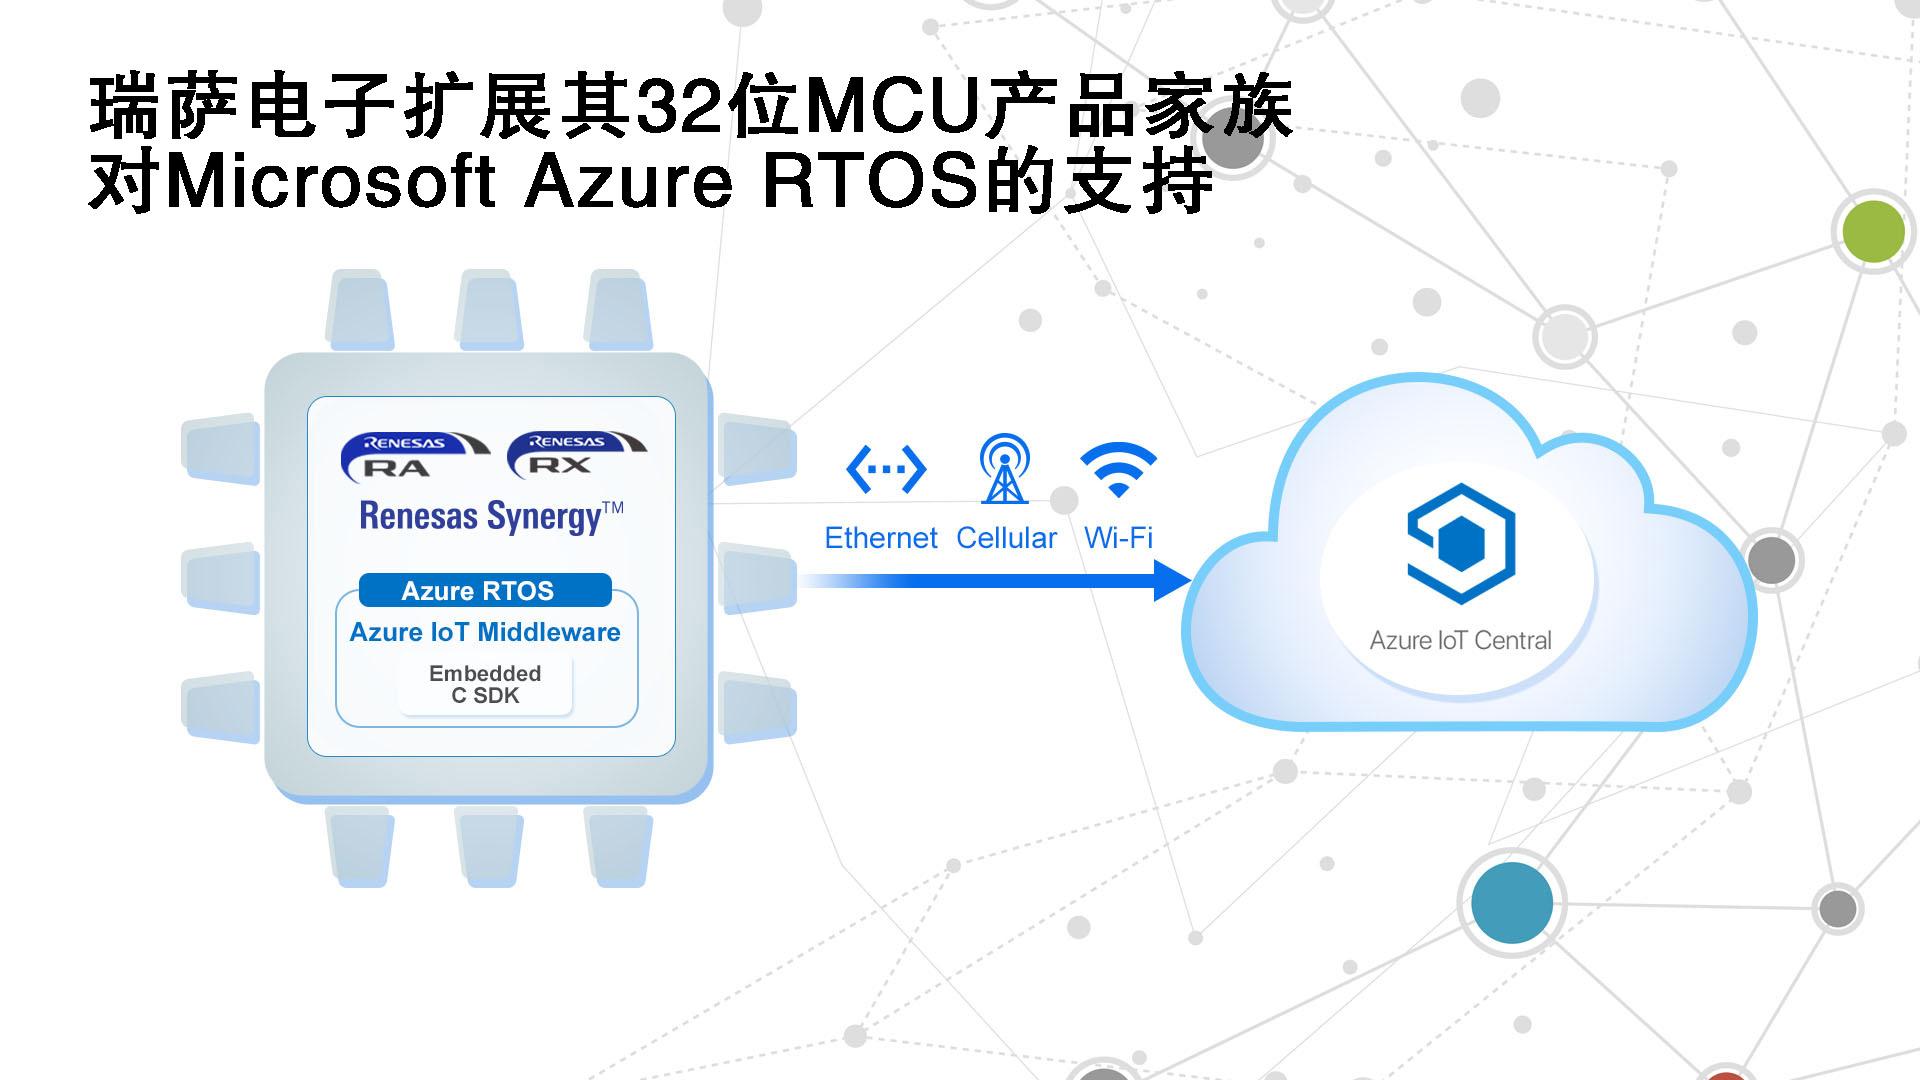 瑞萨电子通过简单许可授权扩展其32位MCU产品家族  对Microsoft Azure RTOS的支持,实现安全的嵌入式物联网开发